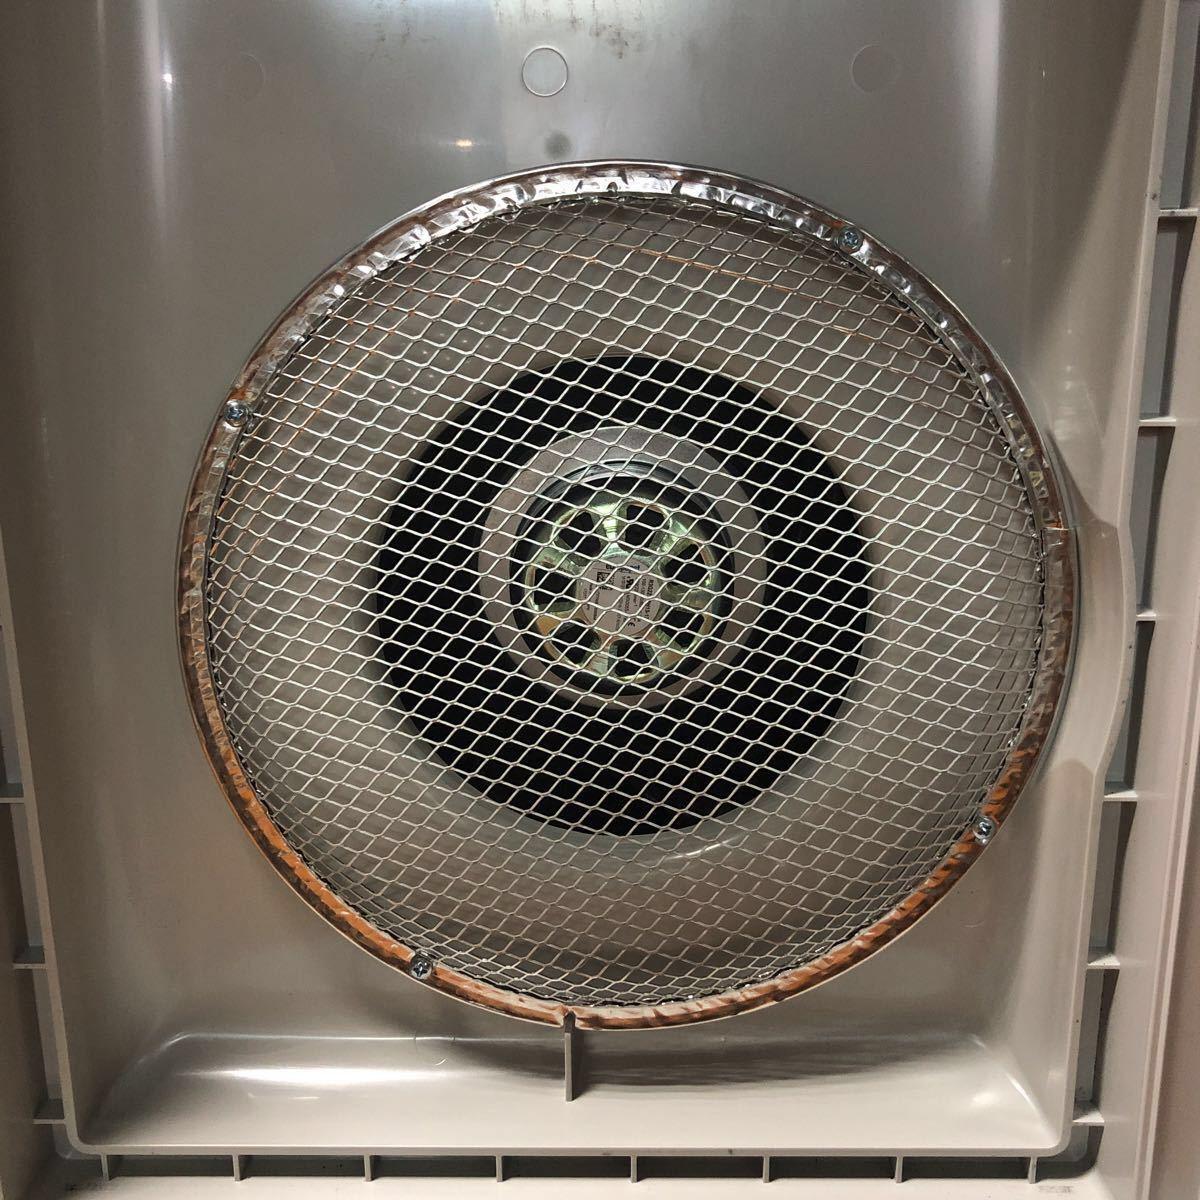 2018年製 未使用 美品 Amway アムウェイ アトモスフィア 空気清浄機 S 101076J 未開封 取扱説明書 リモコン付き _画像8